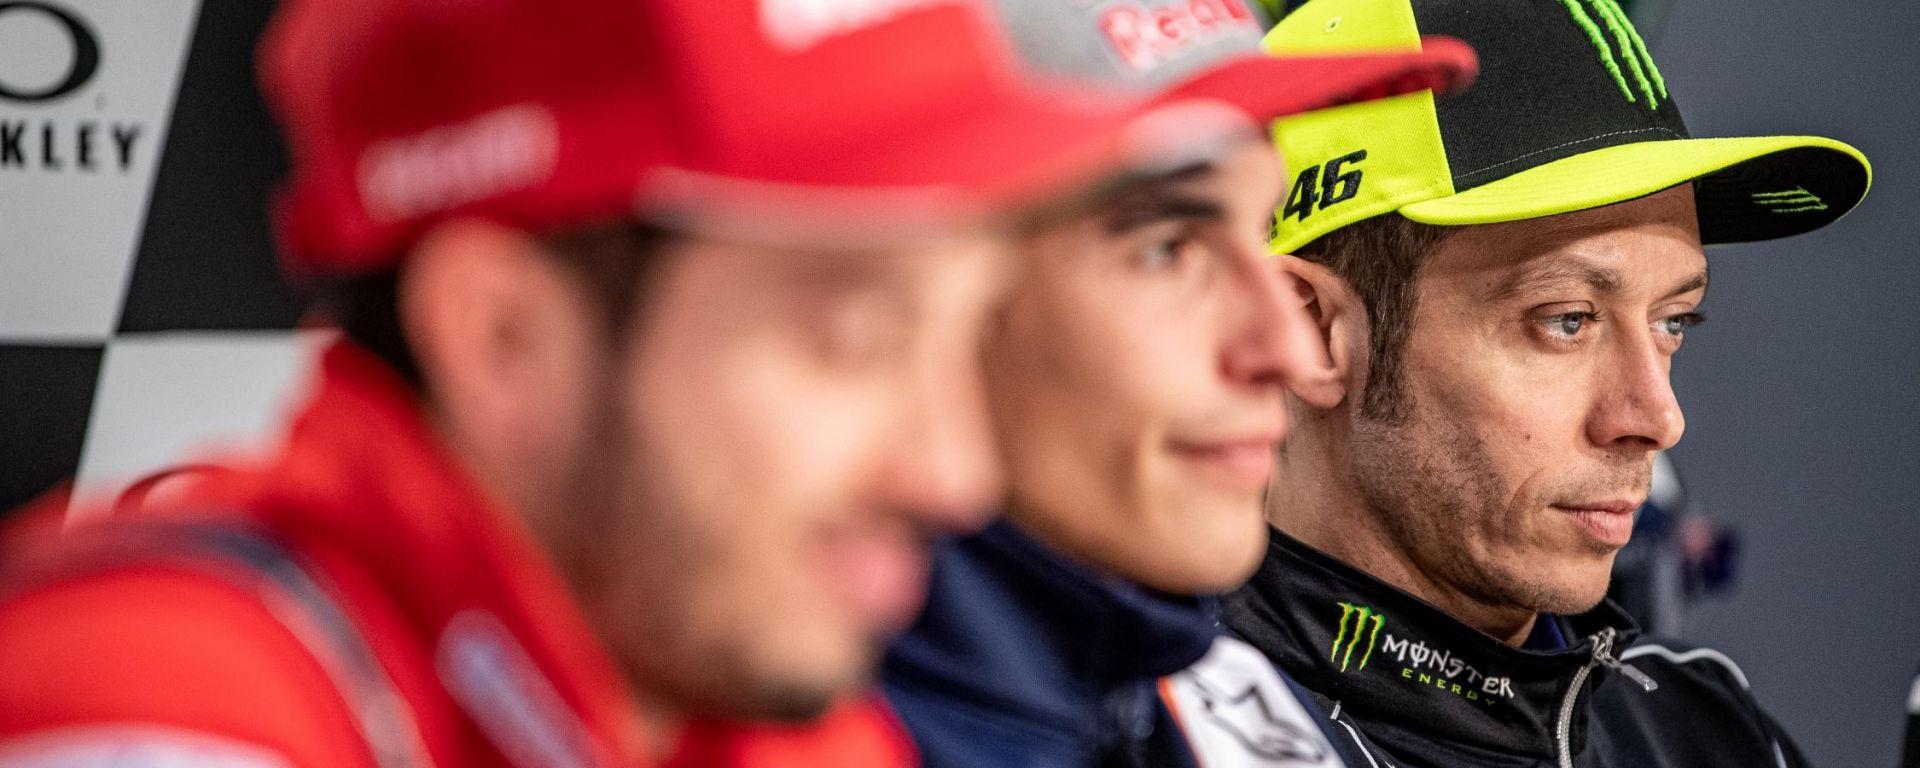 MotoGP Italia 2019, Mugello, conferenza stampa del giovedì: Dovizioso (Ducati), Marquez (Honda) e Rossi (Yamaha)